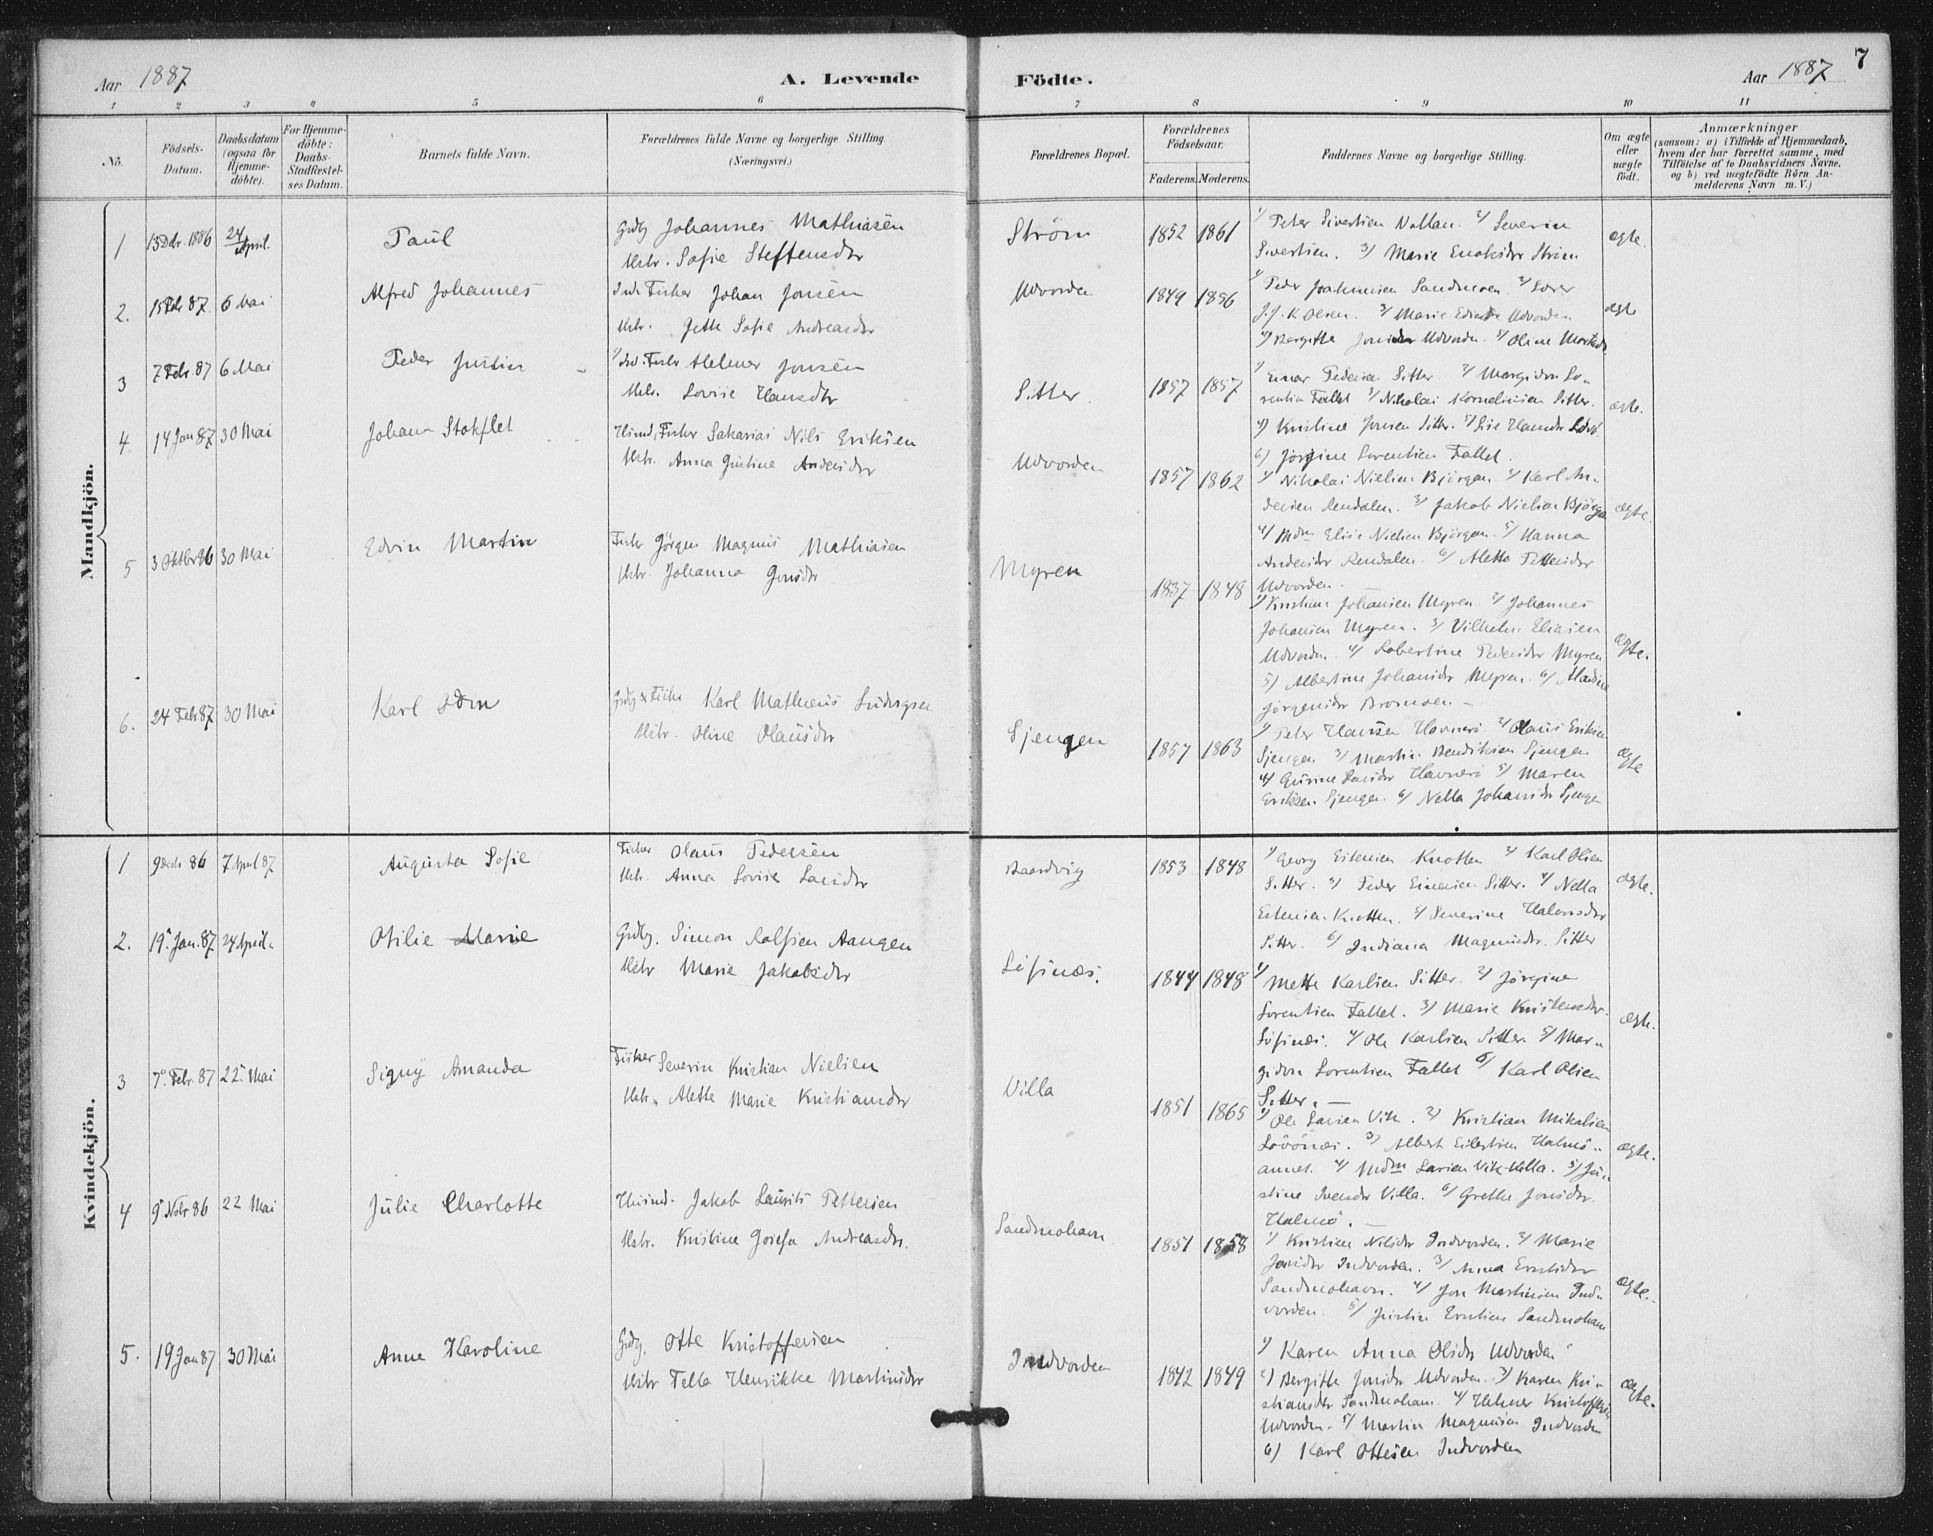 SAT, Ministerialprotokoller, klokkerbøker og fødselsregistre - Nord-Trøndelag, 772/L0603: Ministerialbok nr. 772A01, 1885-1912, s. 7